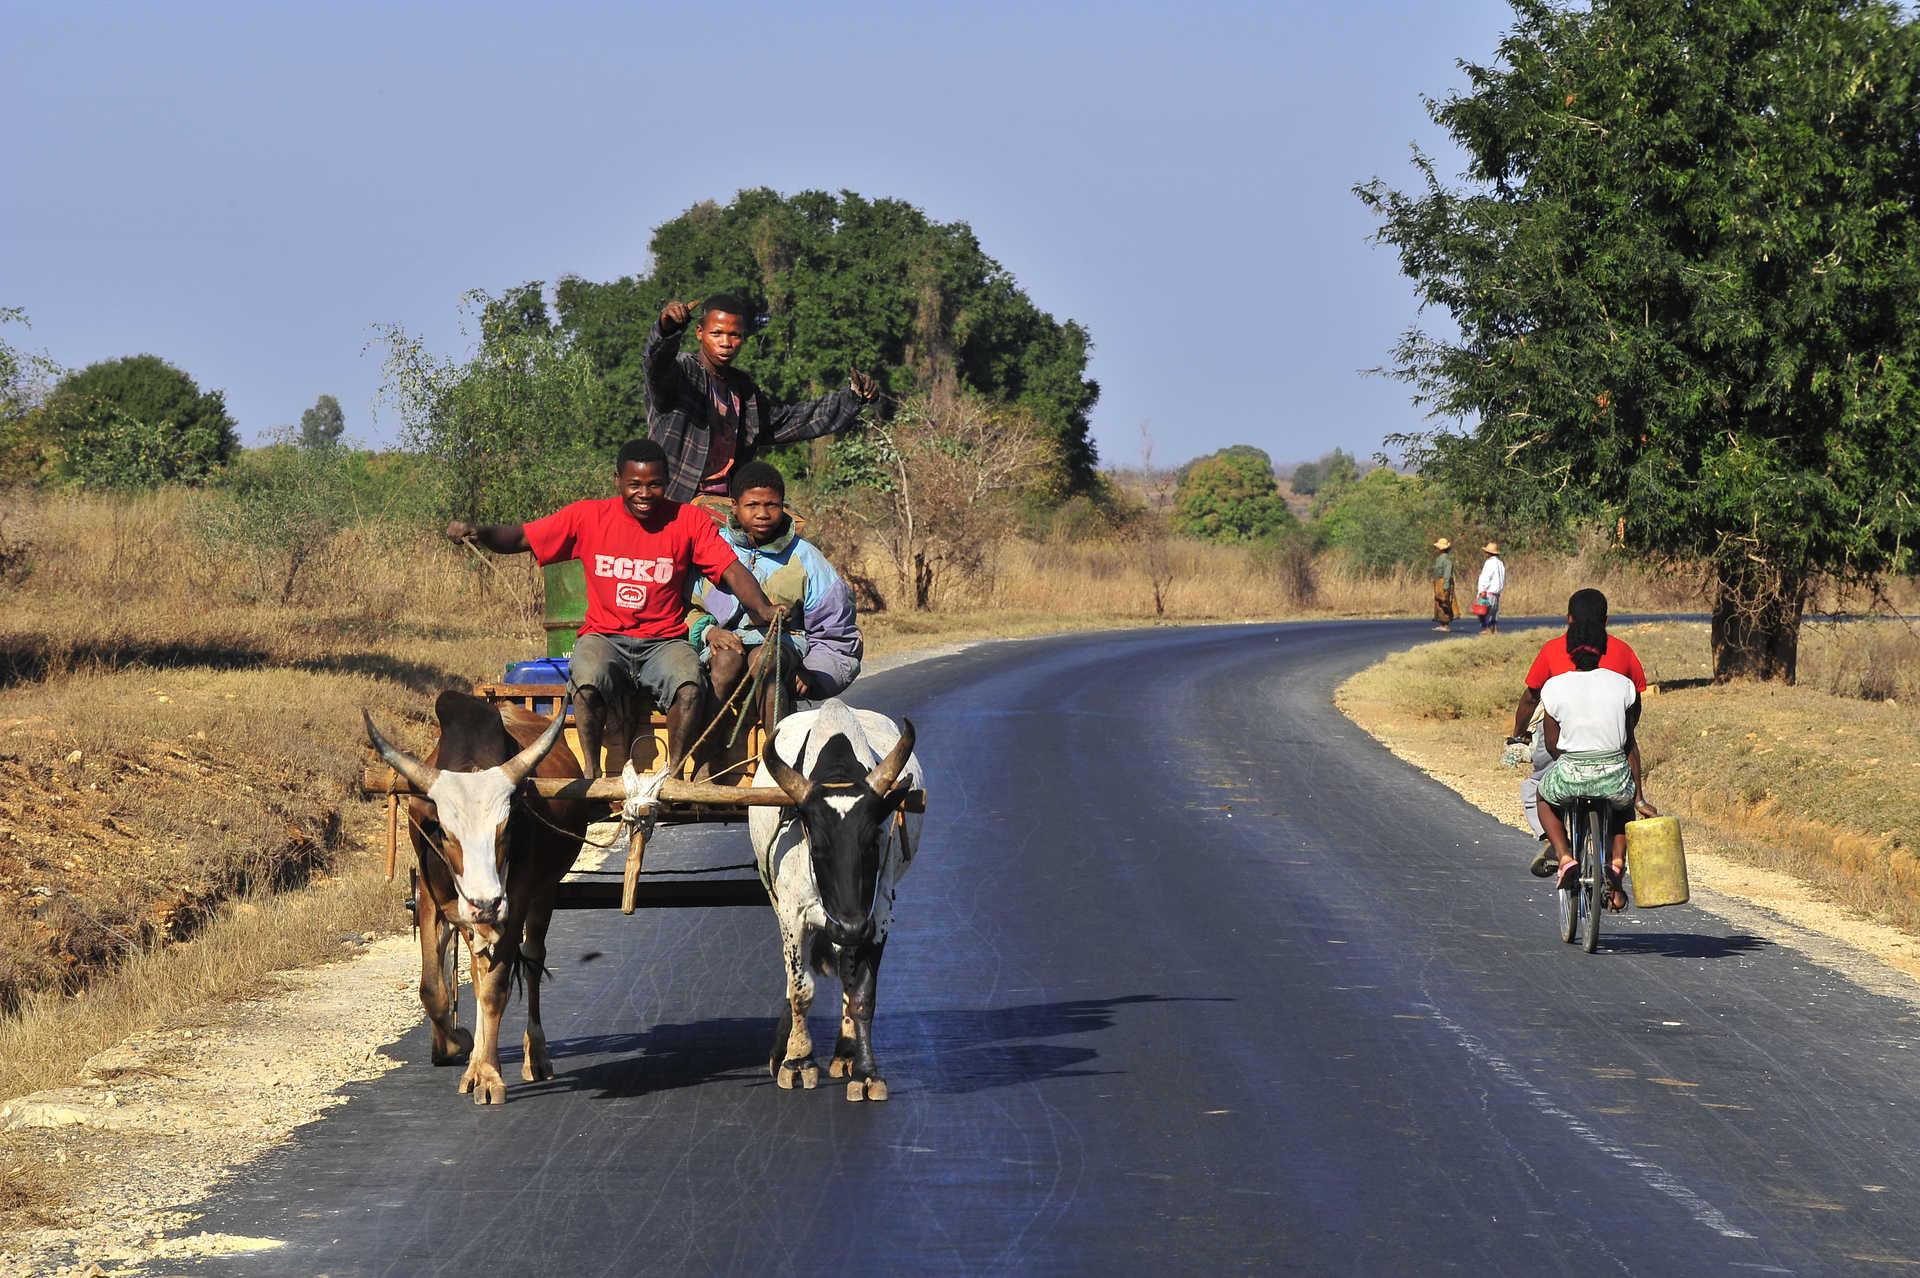 Charrette sur une route de Madagascar